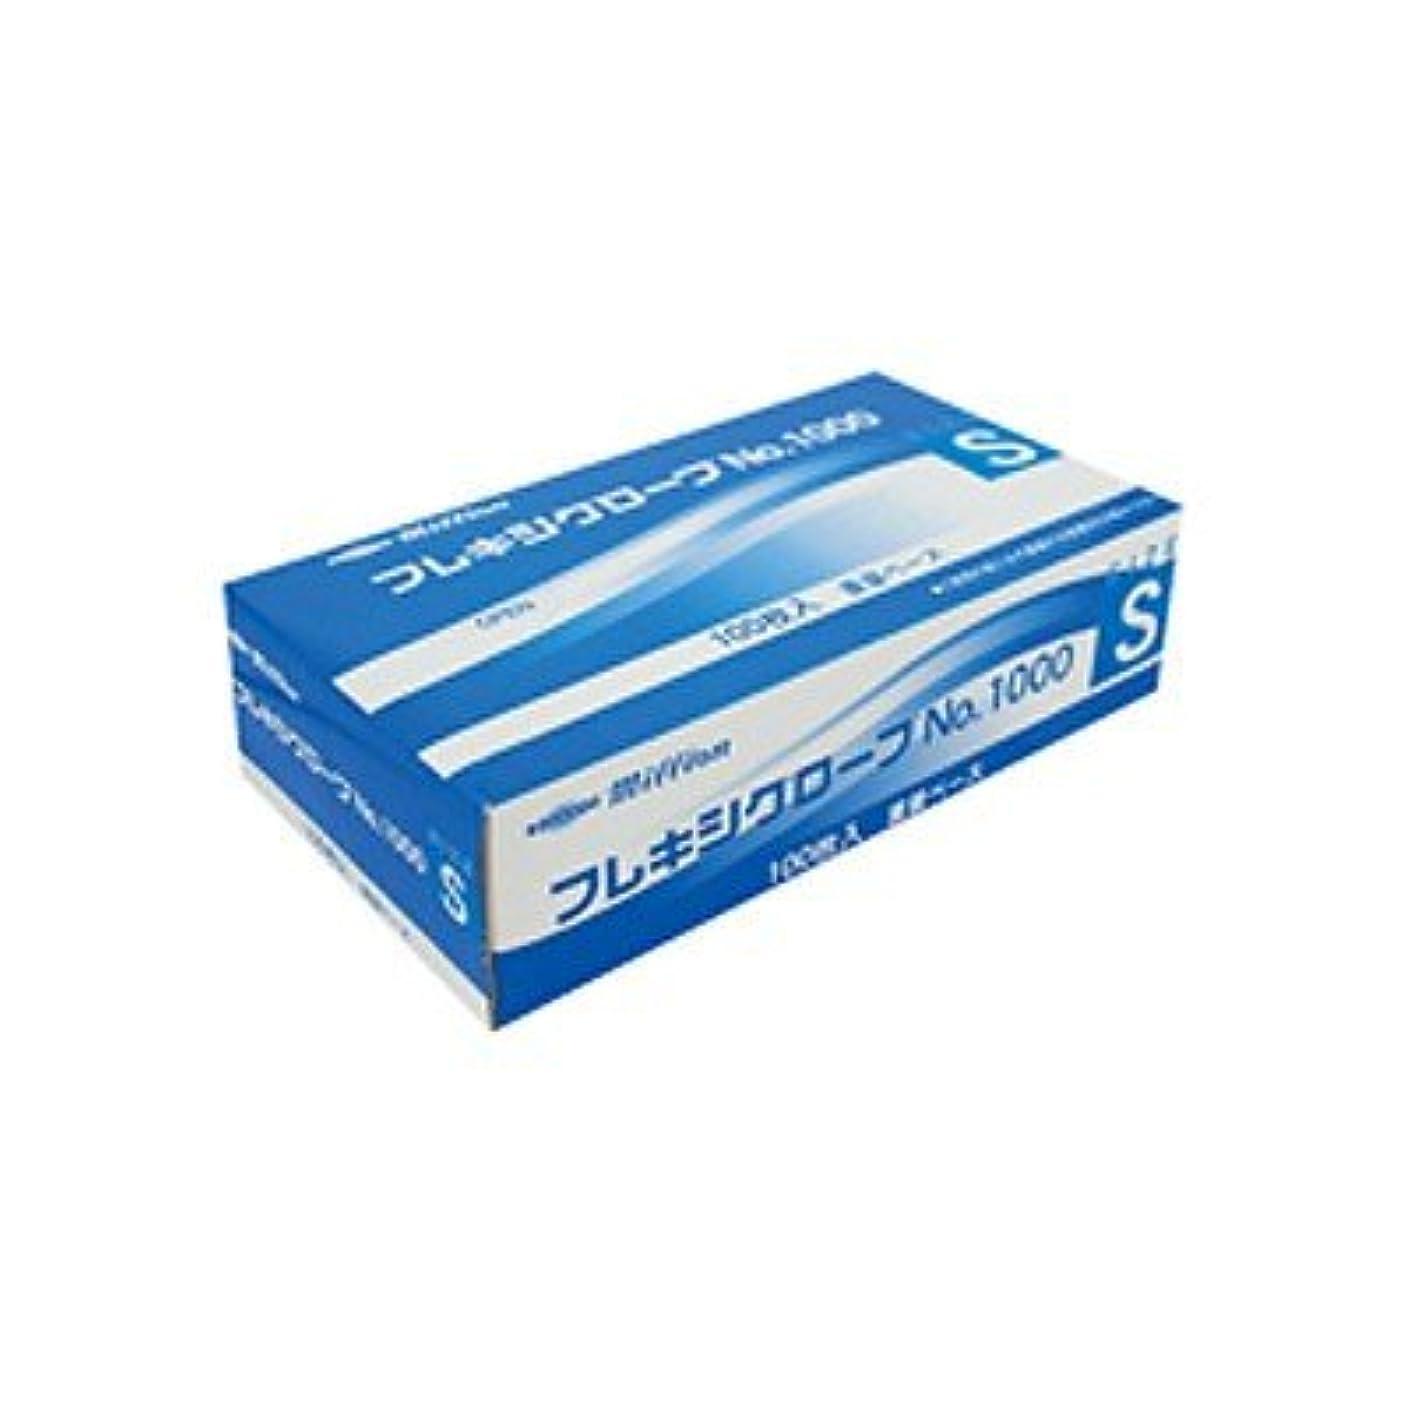 プラスチック勉強する玉ミリオン プラスチック手袋 粉付No.1000 S 品番:LH-1000-S 注文番号:62741552 メーカー:共和